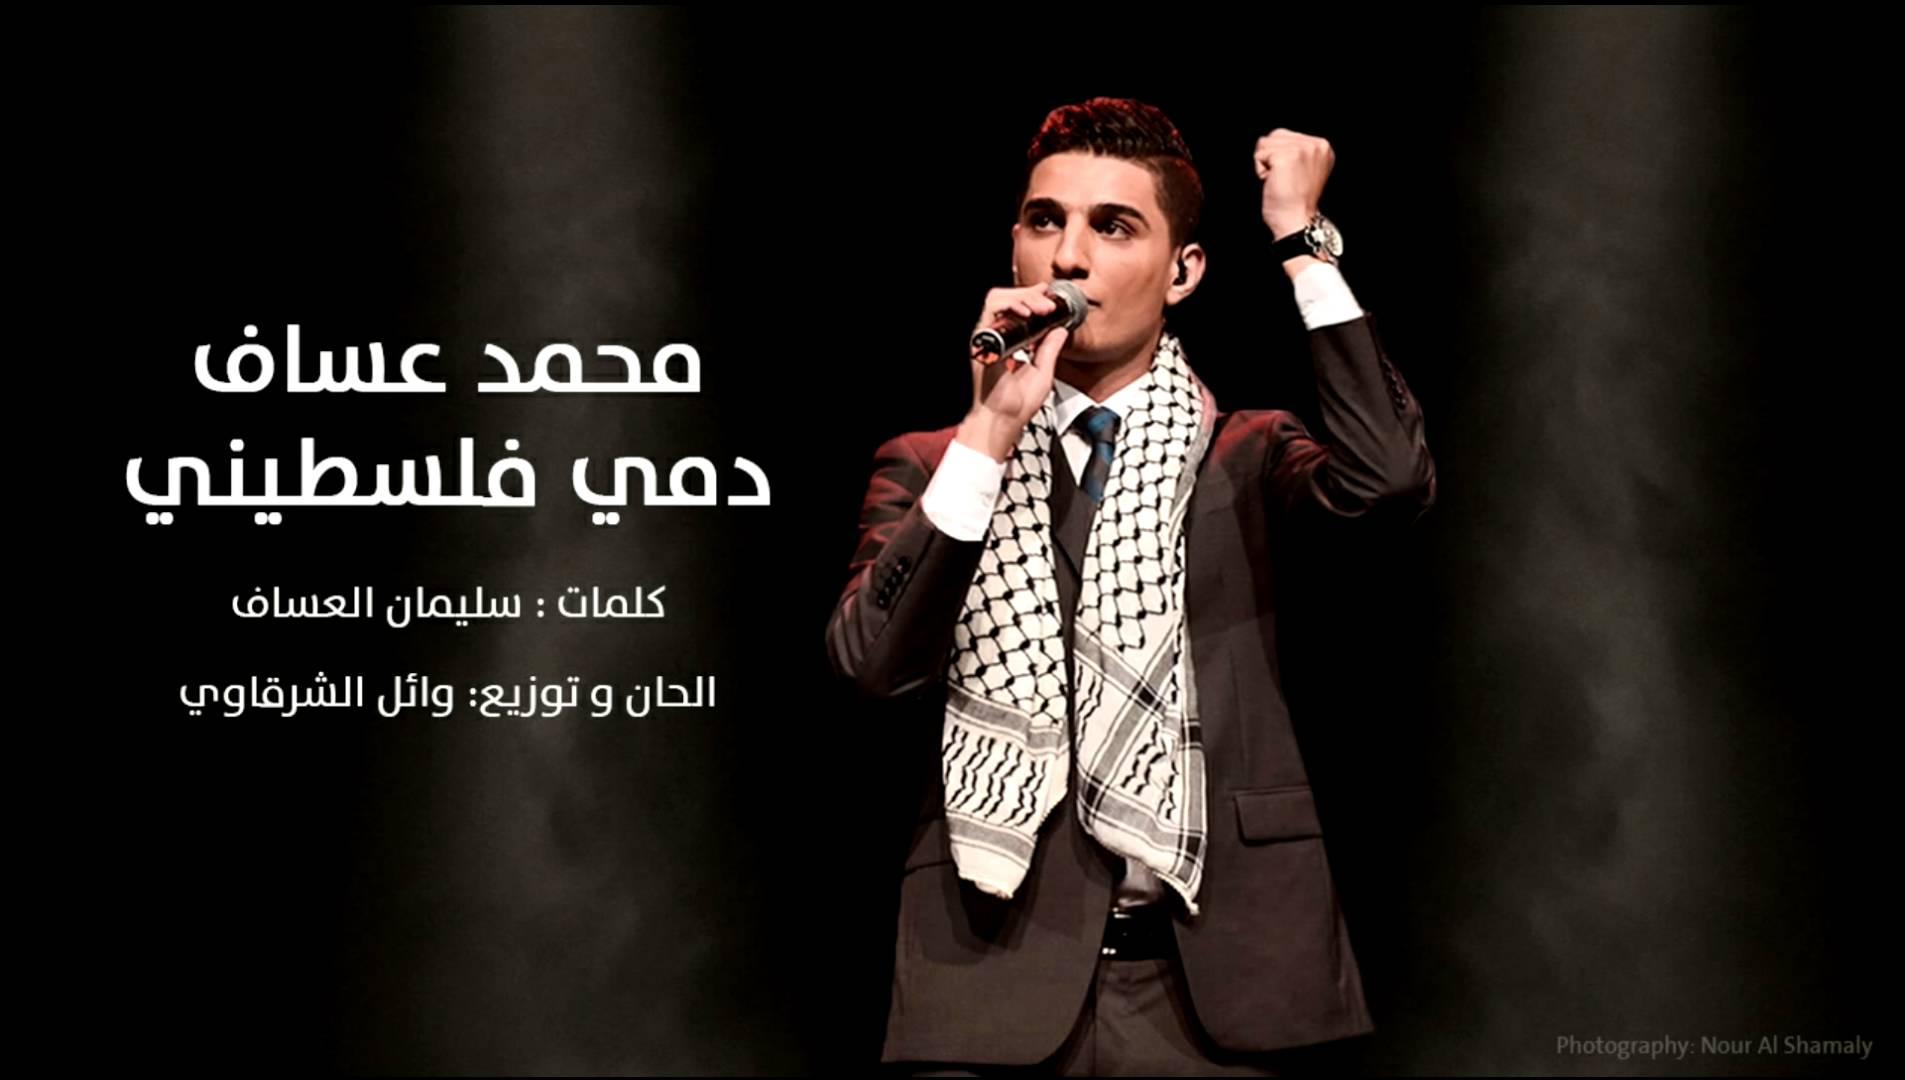 كلمات اغنية فلسطيني محمد عساف